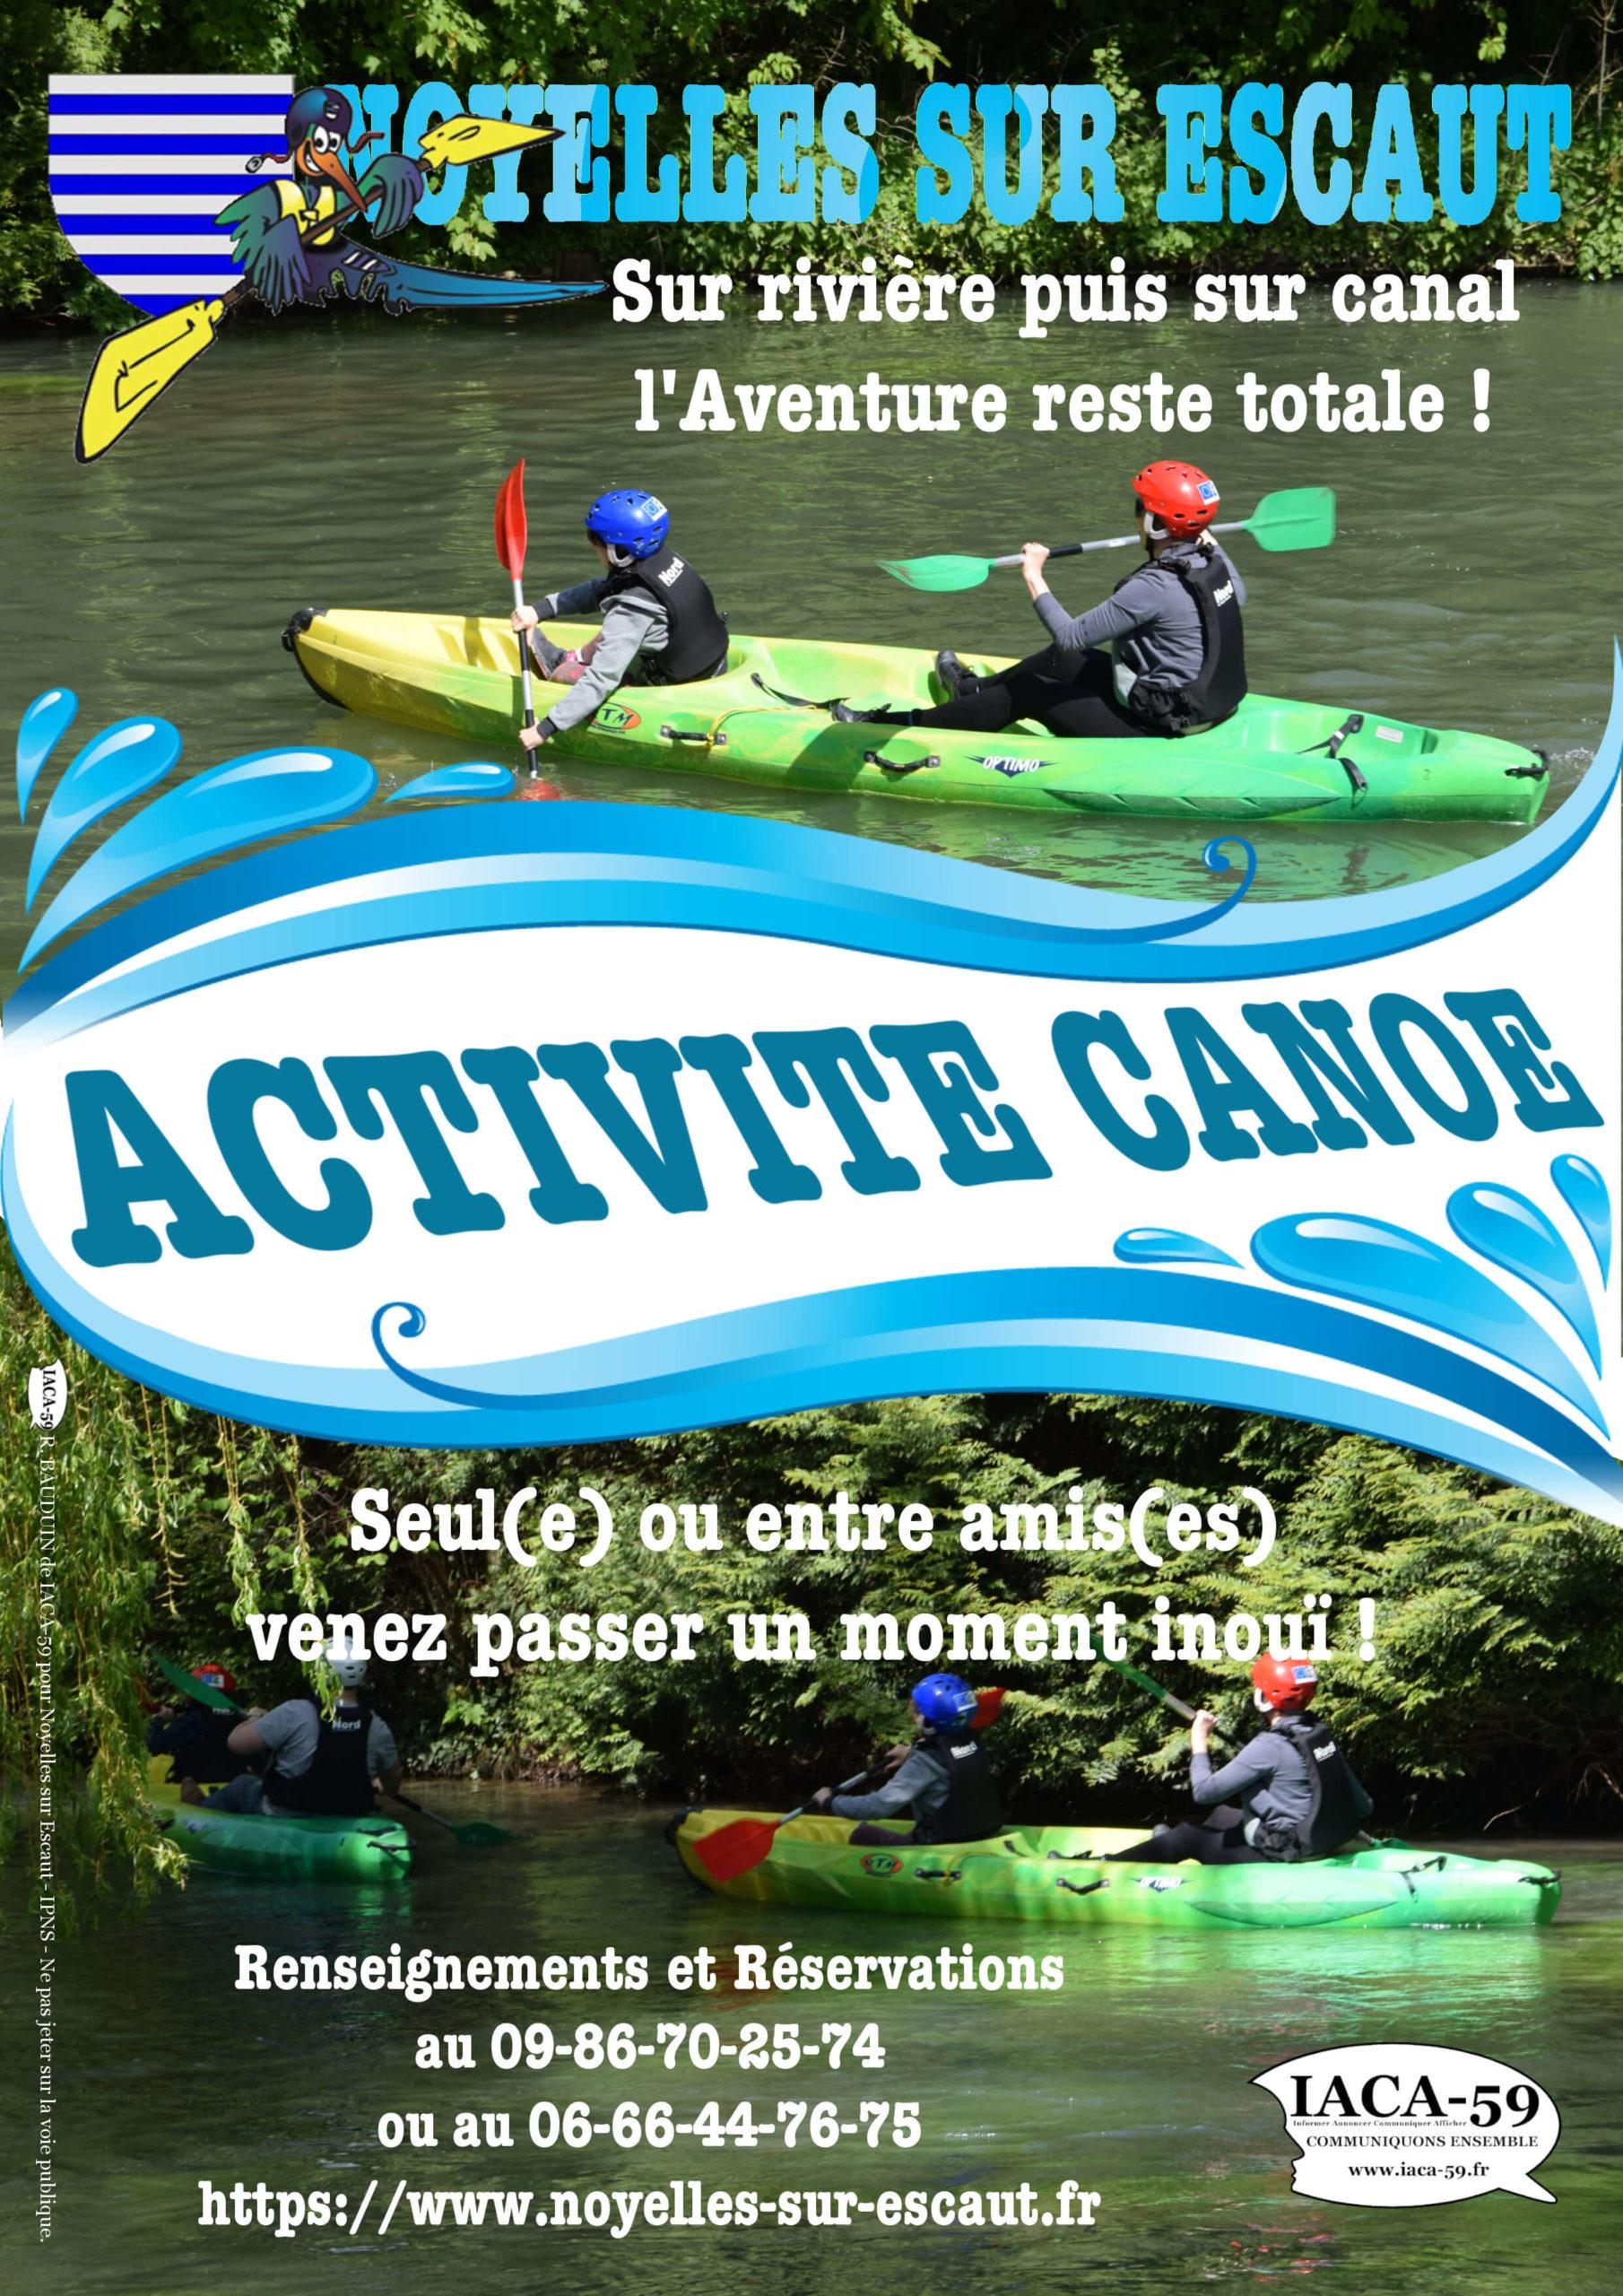 Affiche Activité Canoë IACA-59